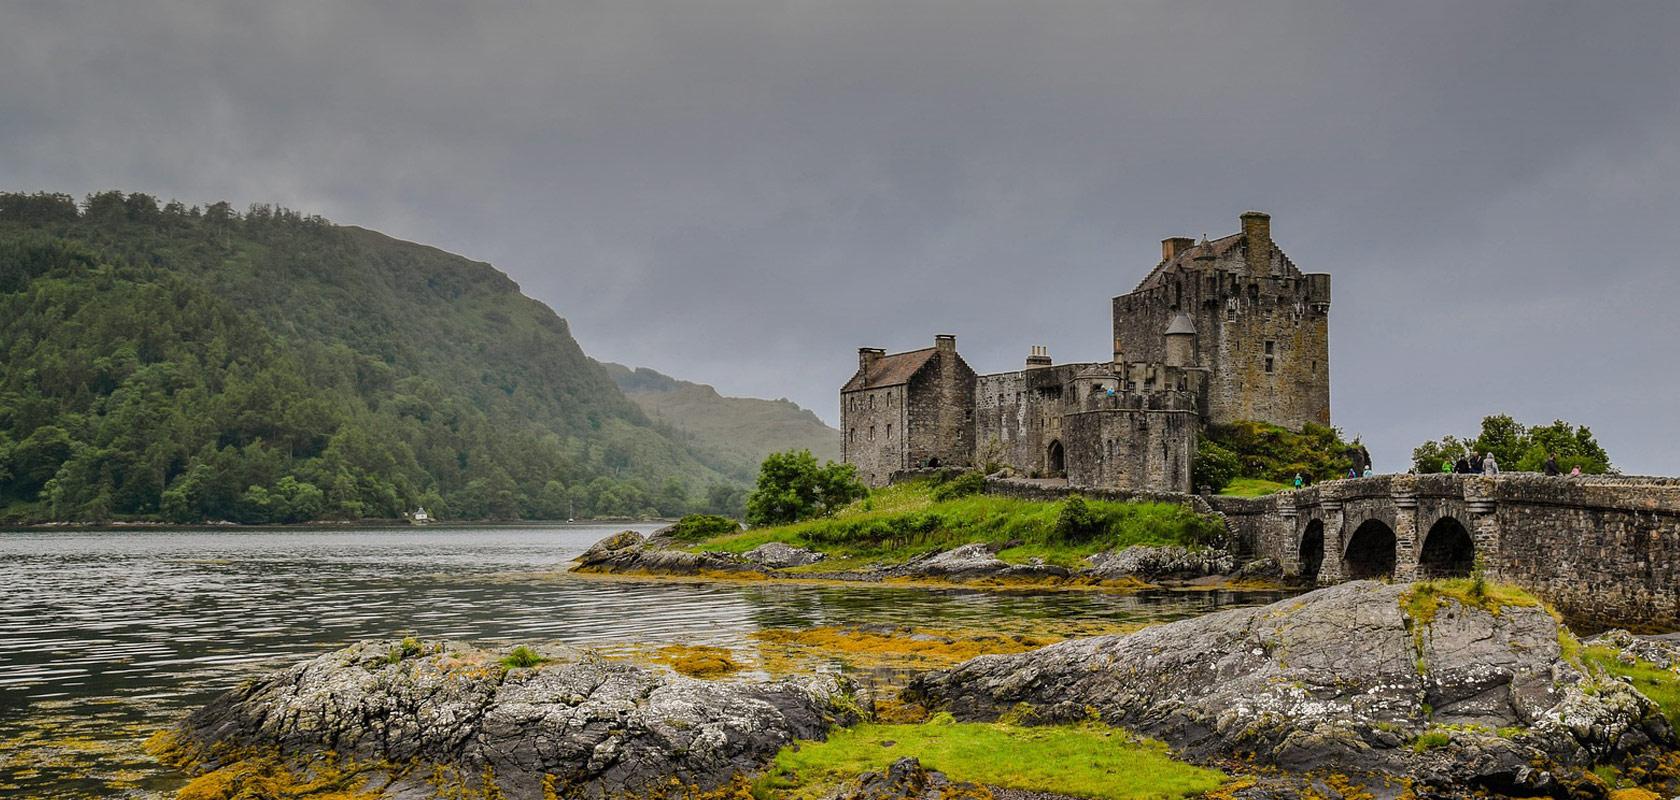 Escócia - castelo Eilean Donan